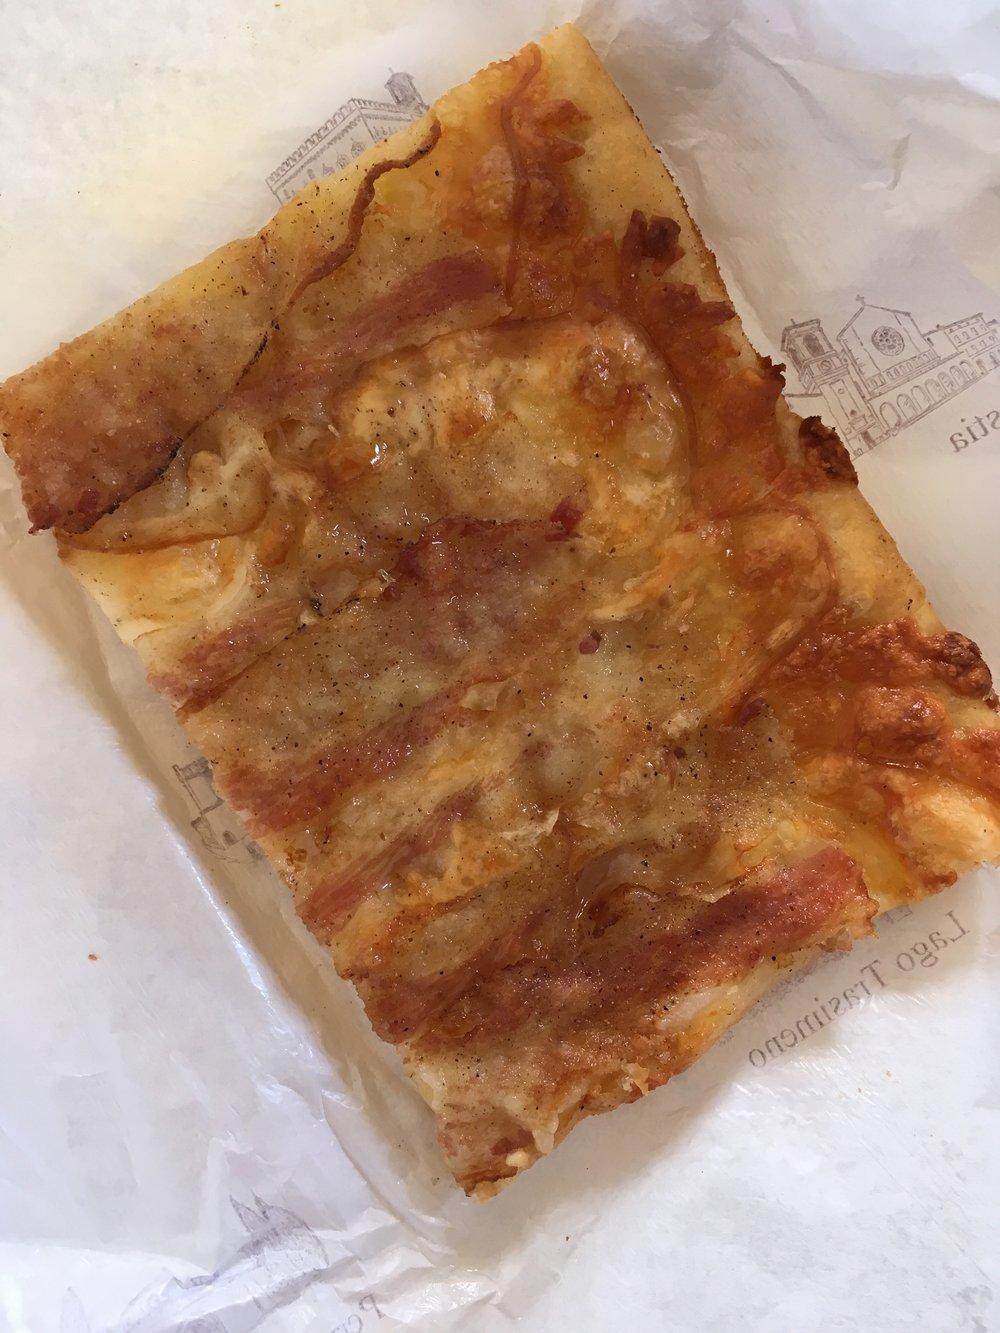 Guanciale pizza from Forno Artigiano in Spello, Umbria